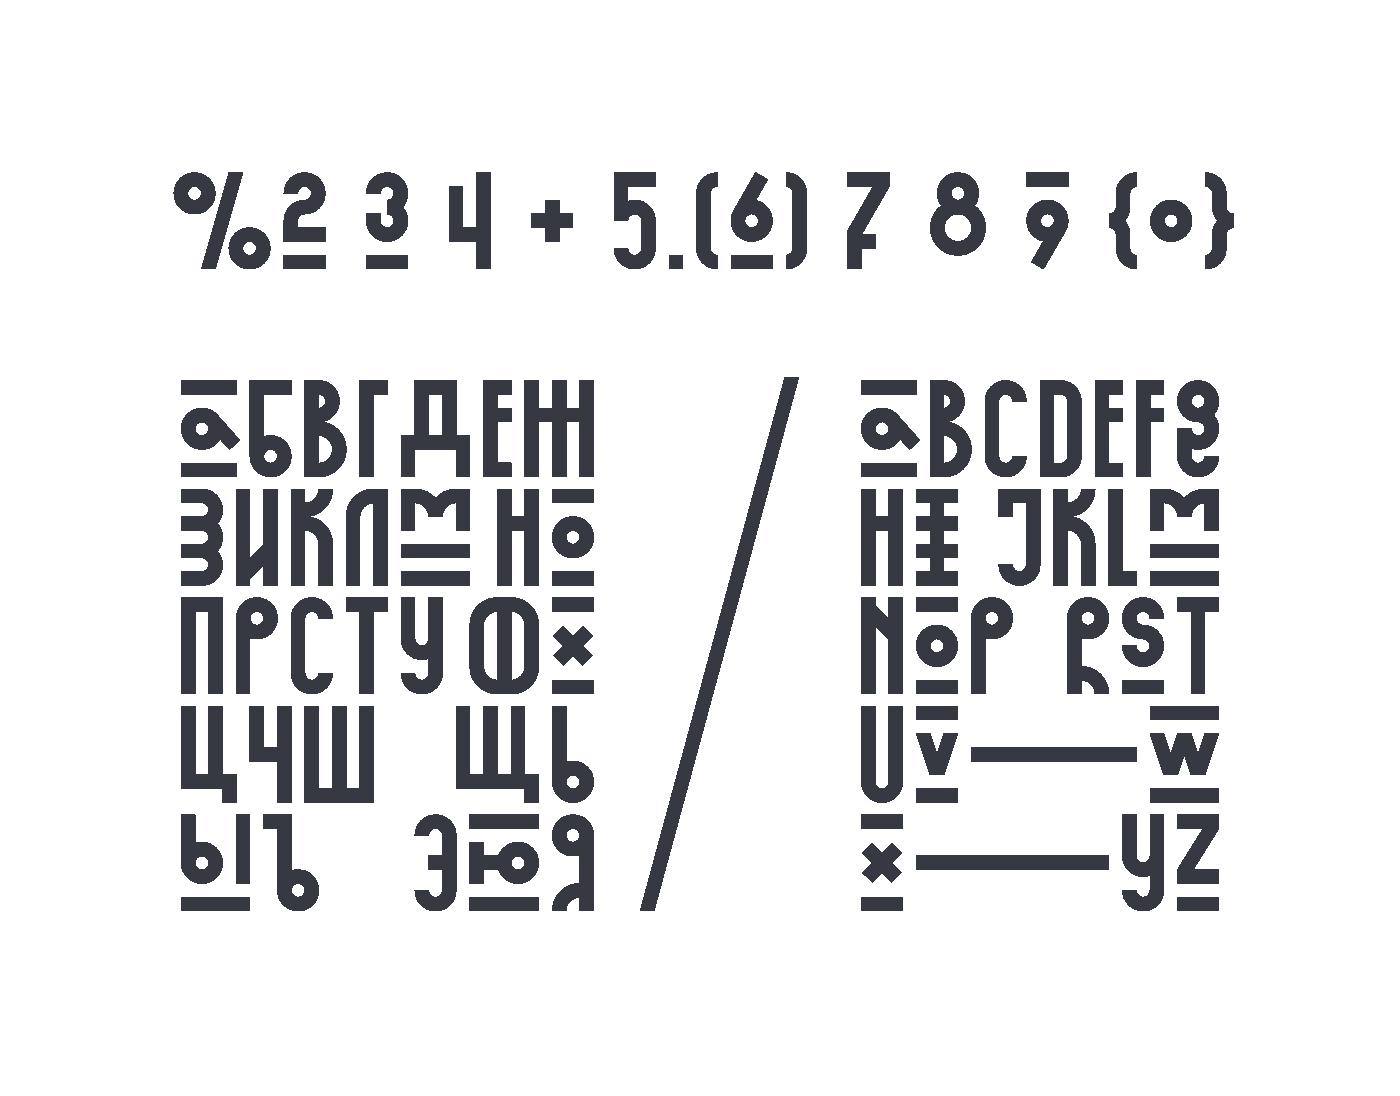 Kurbanistika – Free Display Font Poster B